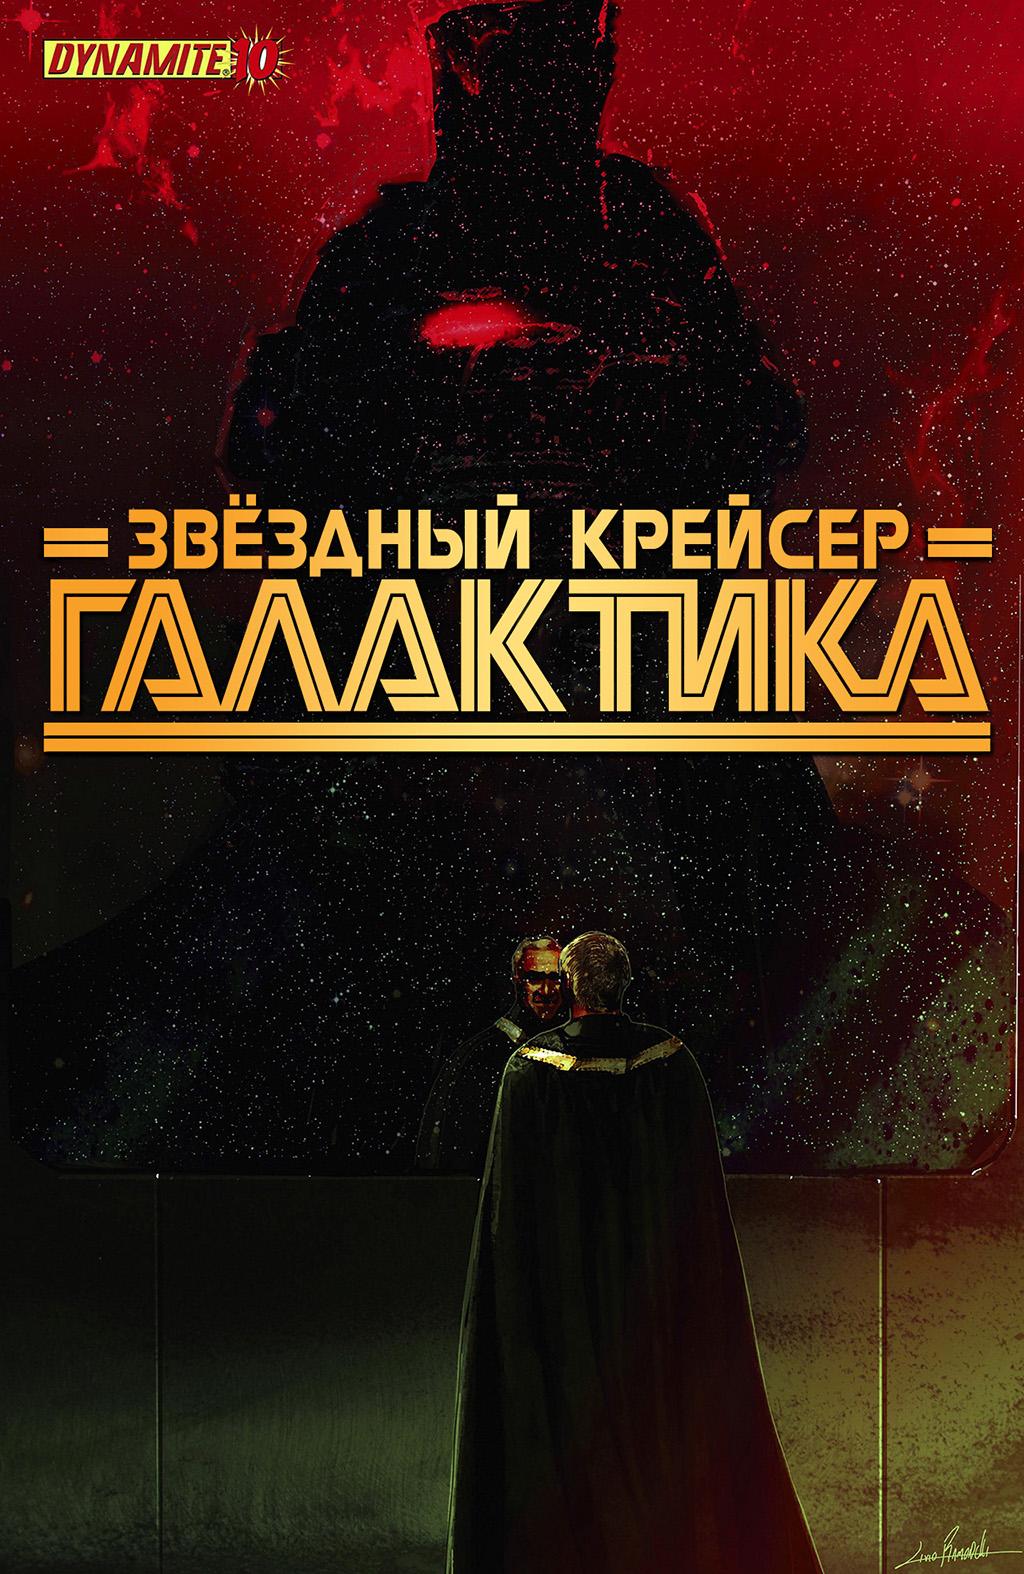 Комикс Классический Звездный Крейсер Галактика том 2